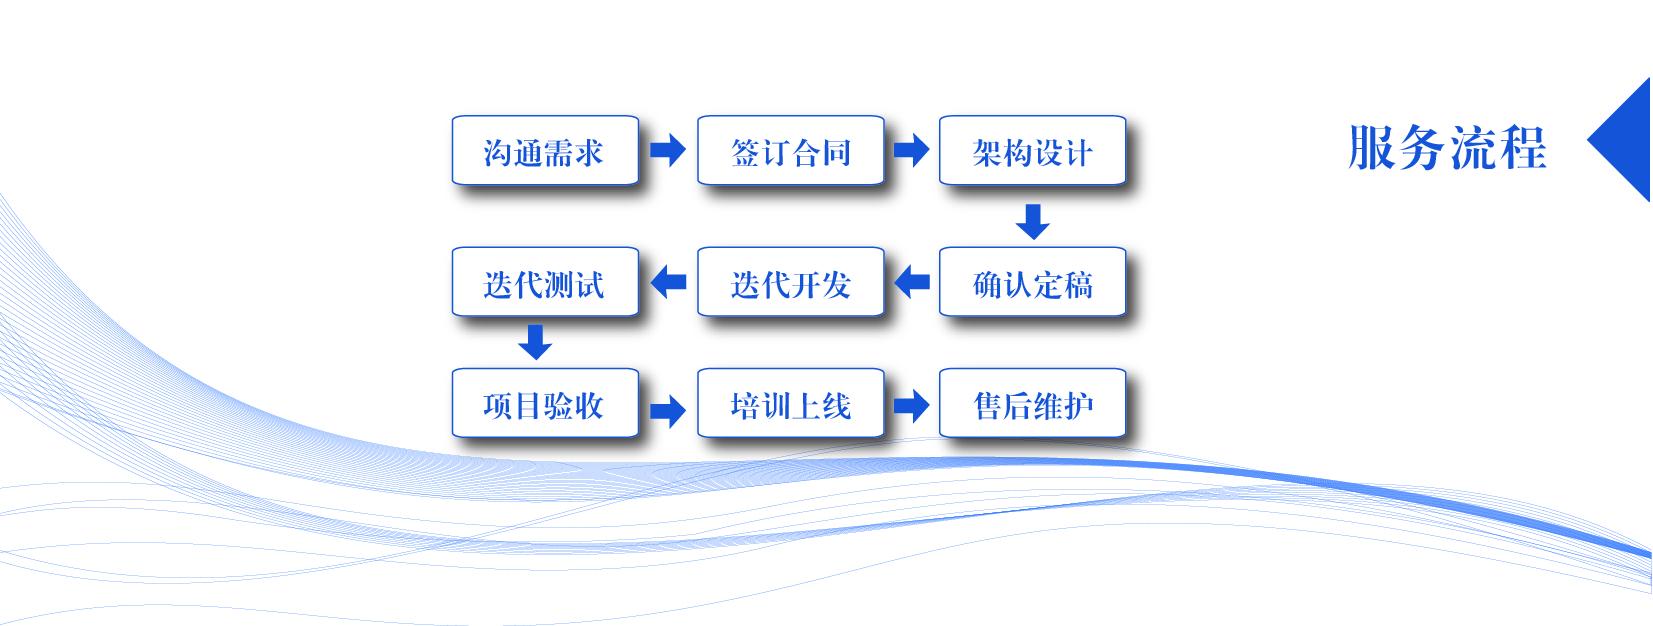 自定义区域-05.jpg